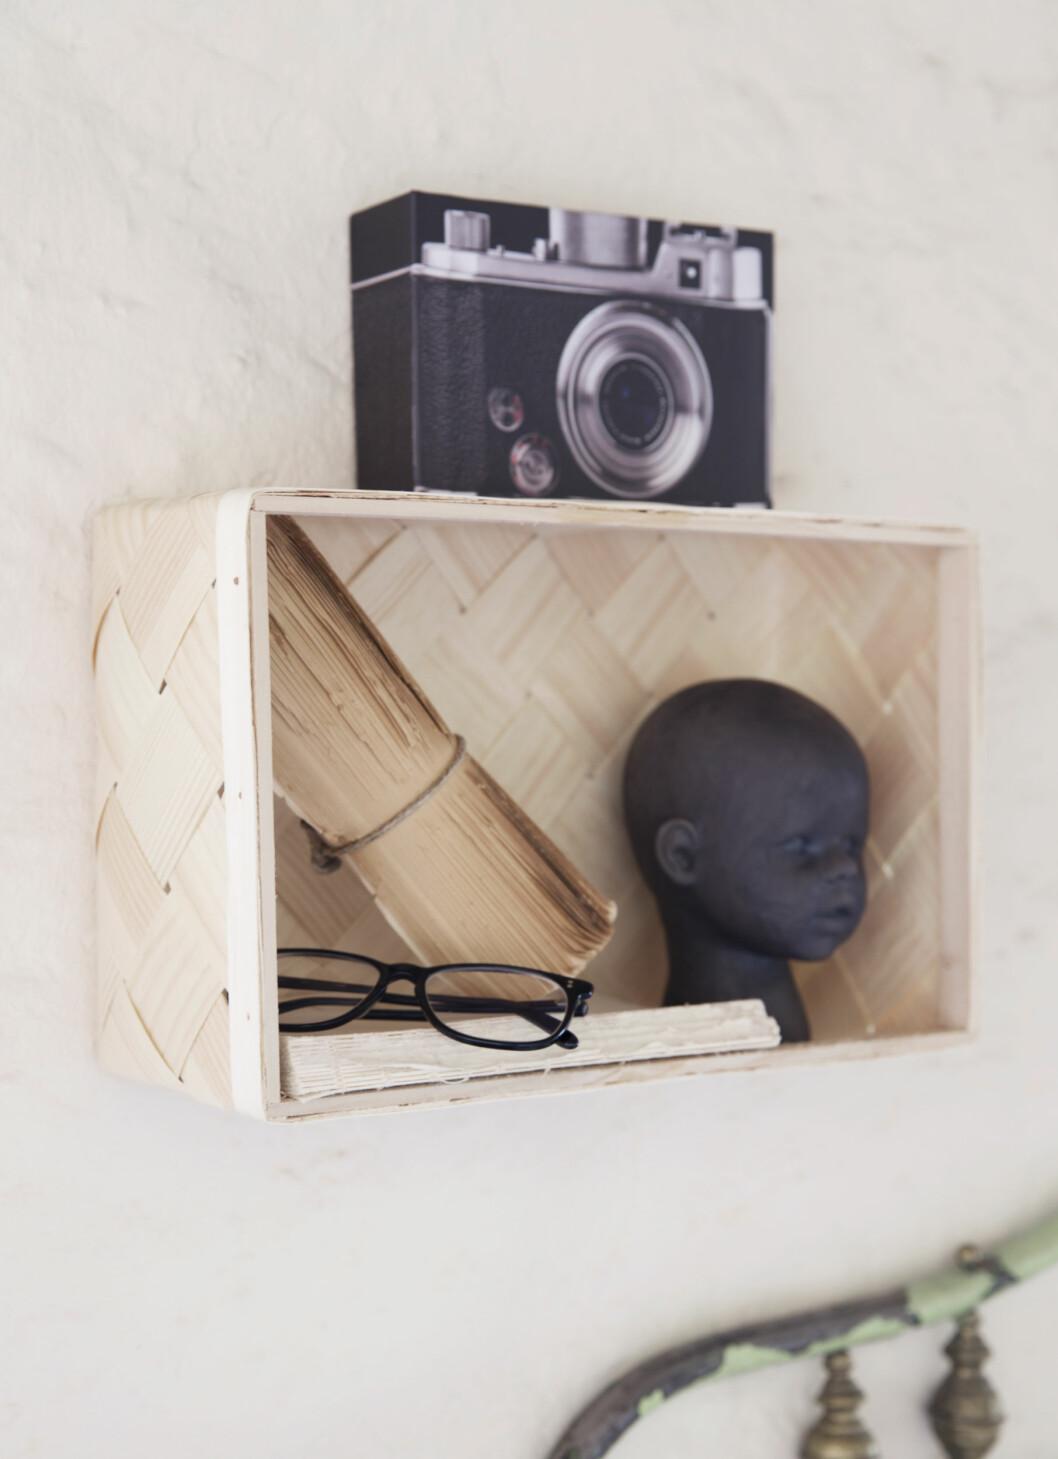 HANDLELISTE: Trekurv festet på veggen, pandurohobby.no ( kr 39),  sort hode, bolina.no  (kr  799), kameraalbum, tgr-stores.no (kr 10). Foto: Yvonne Wilhelmsen